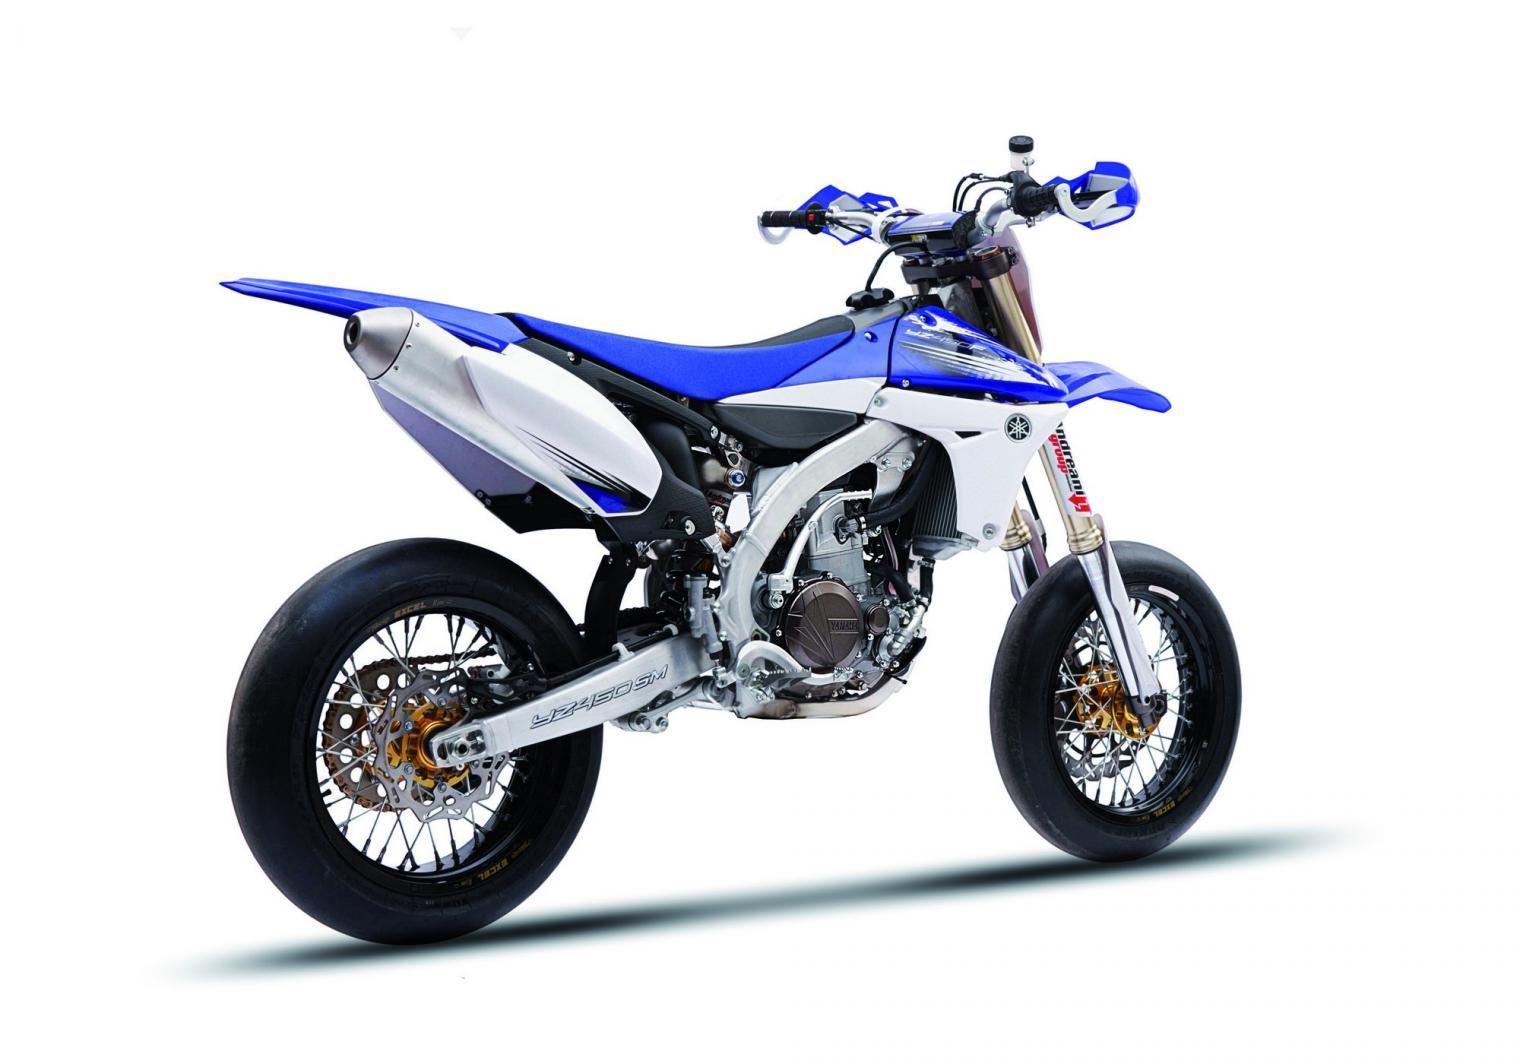 yamaha supermoto - Bing Images | Motorcycle Goals | Pinterest ...